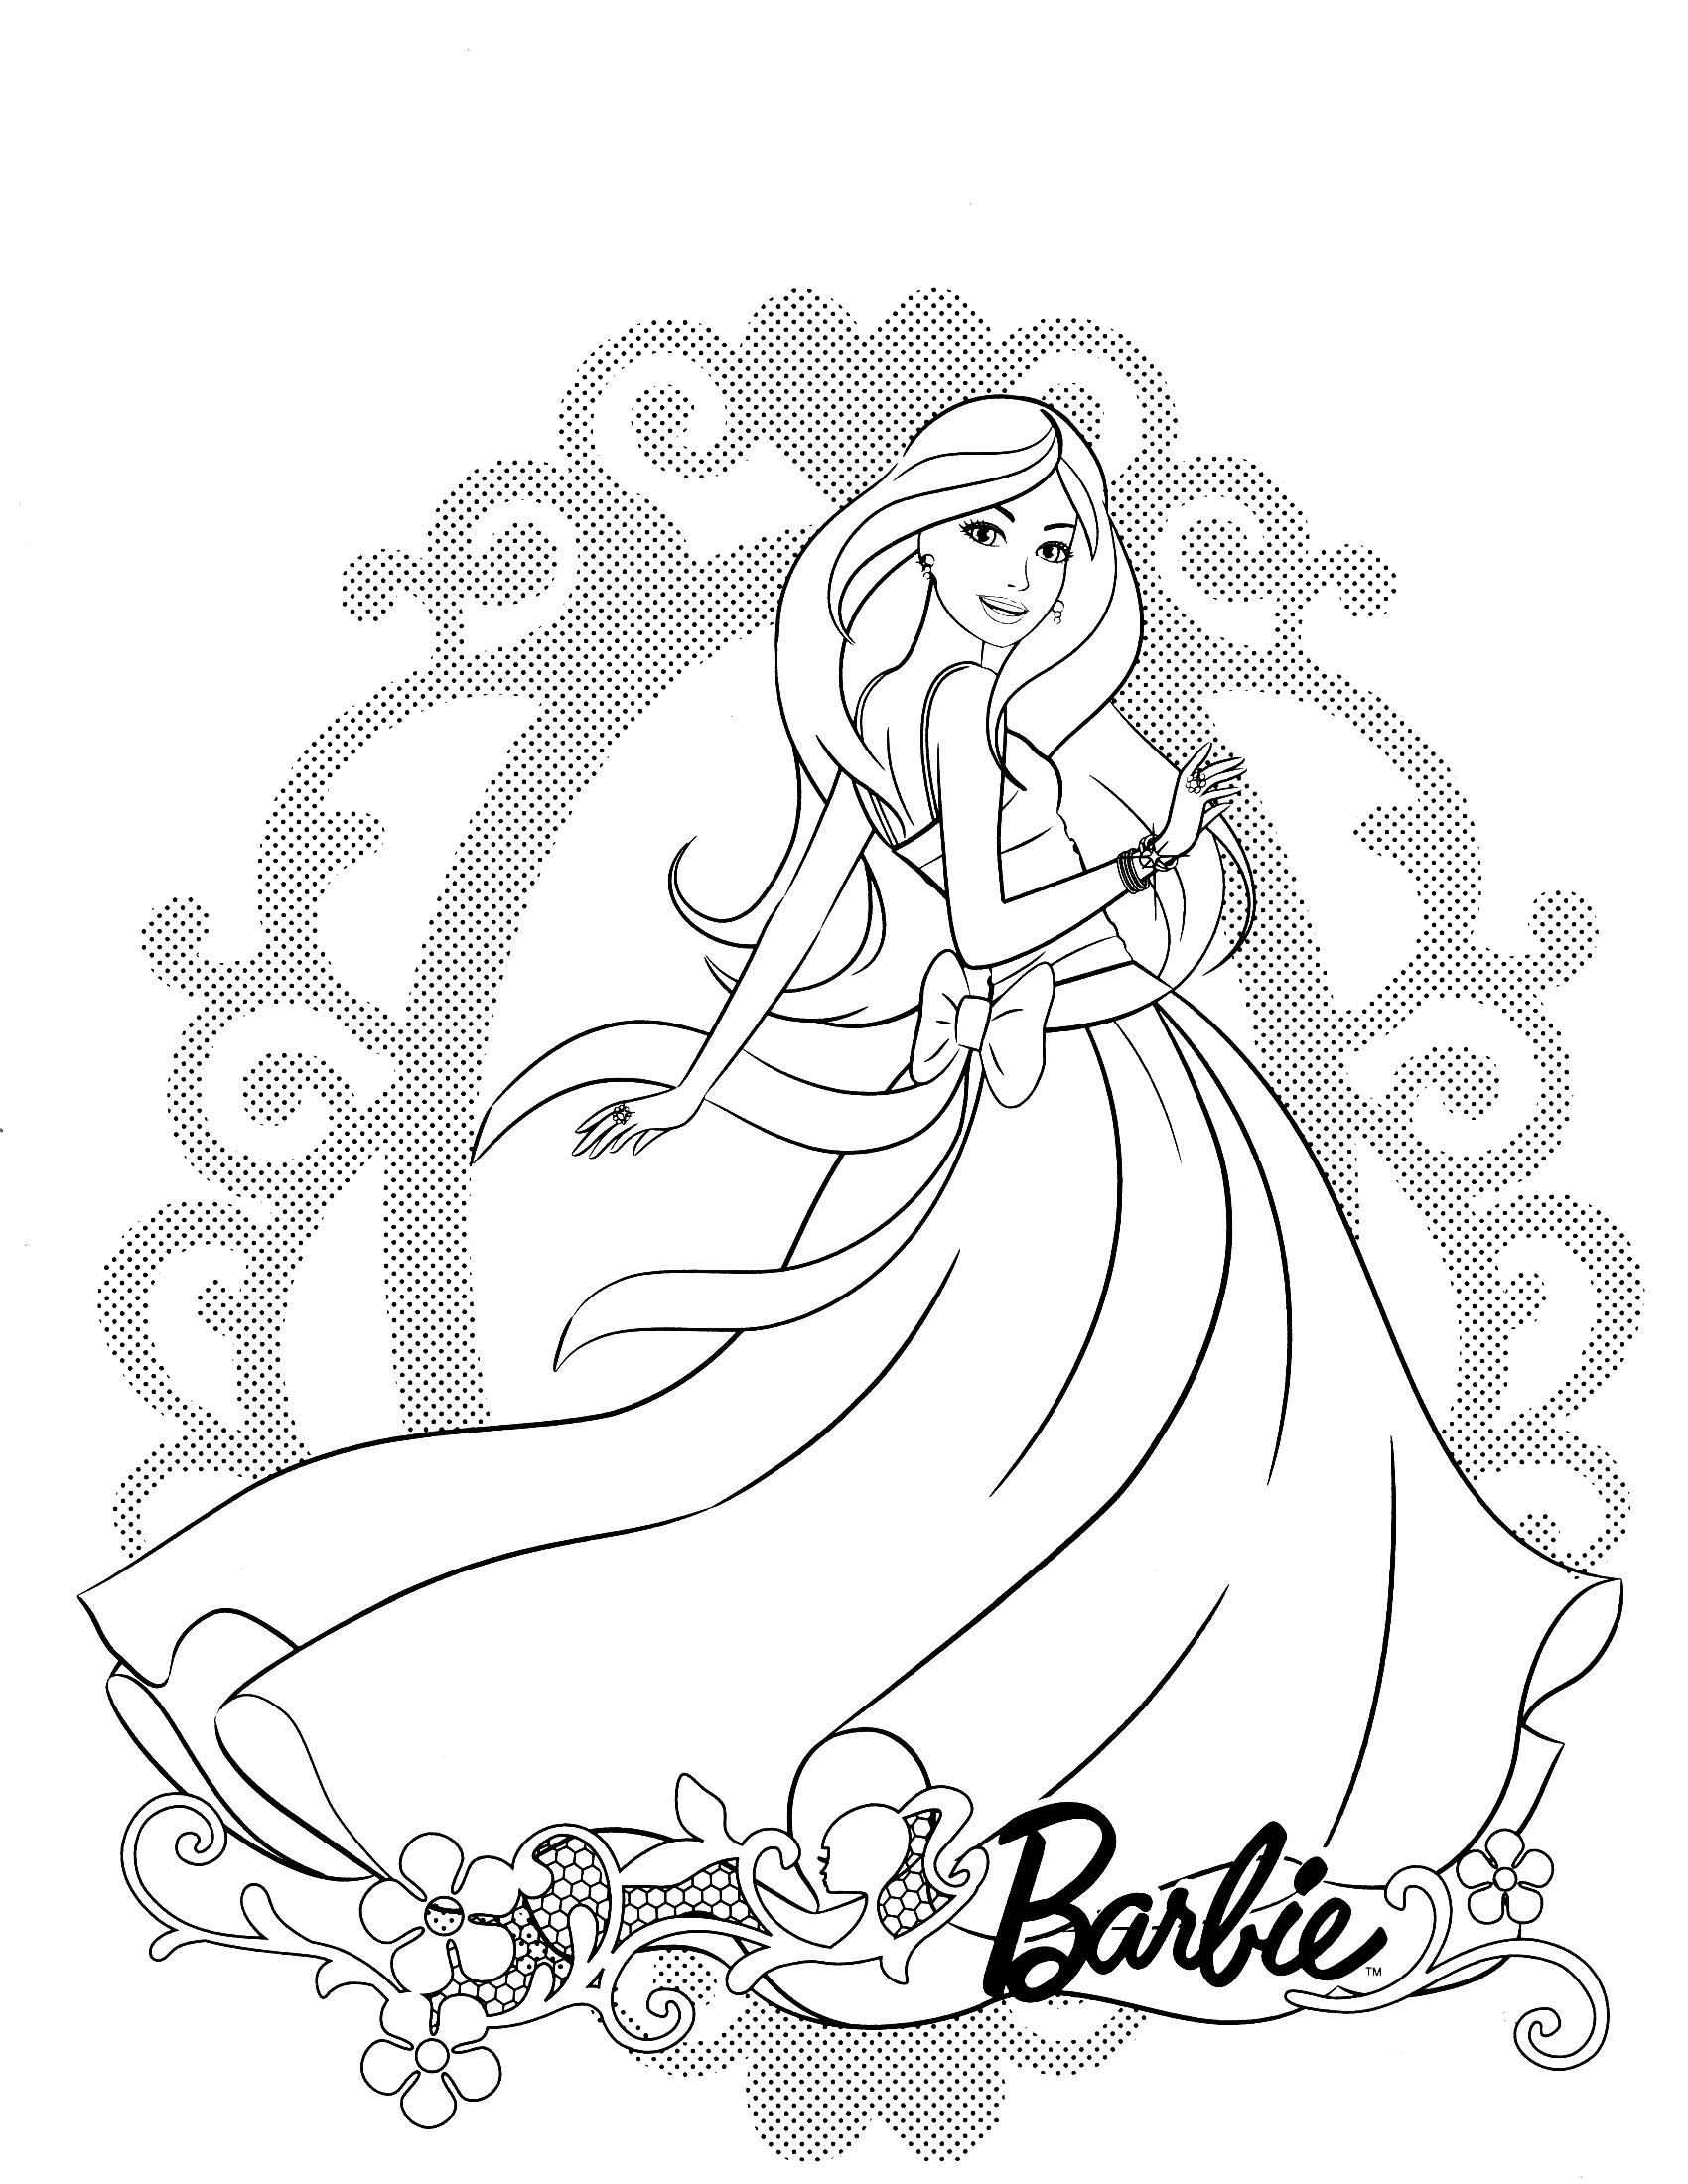 Tranh tô màu công chúa Barbie rạng rỡ, đẹp nhất